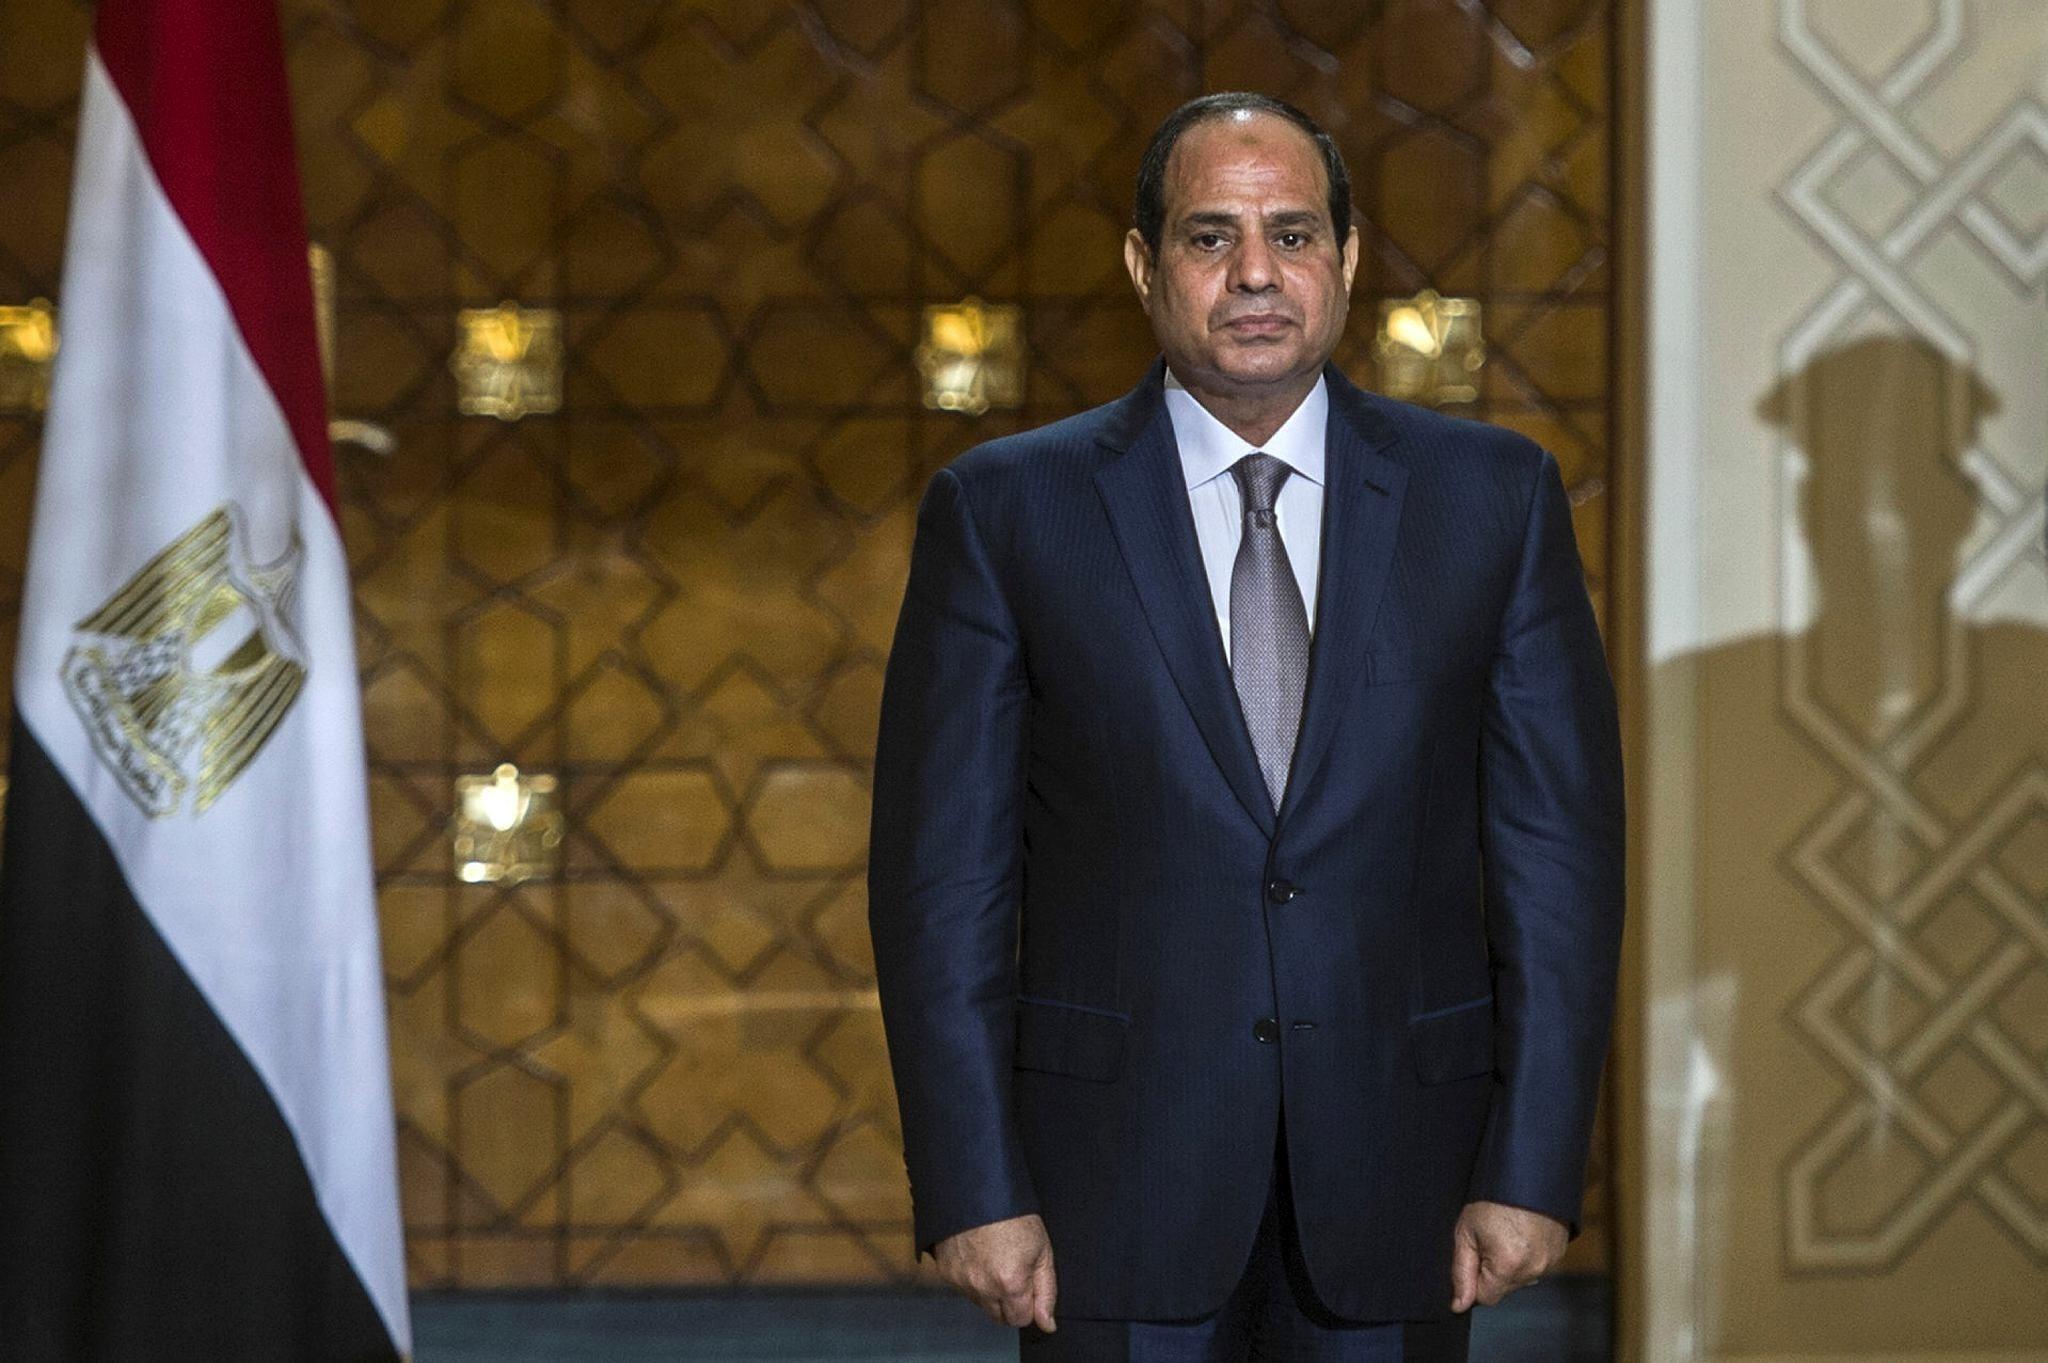 Egyptian coup leader al-Sisi